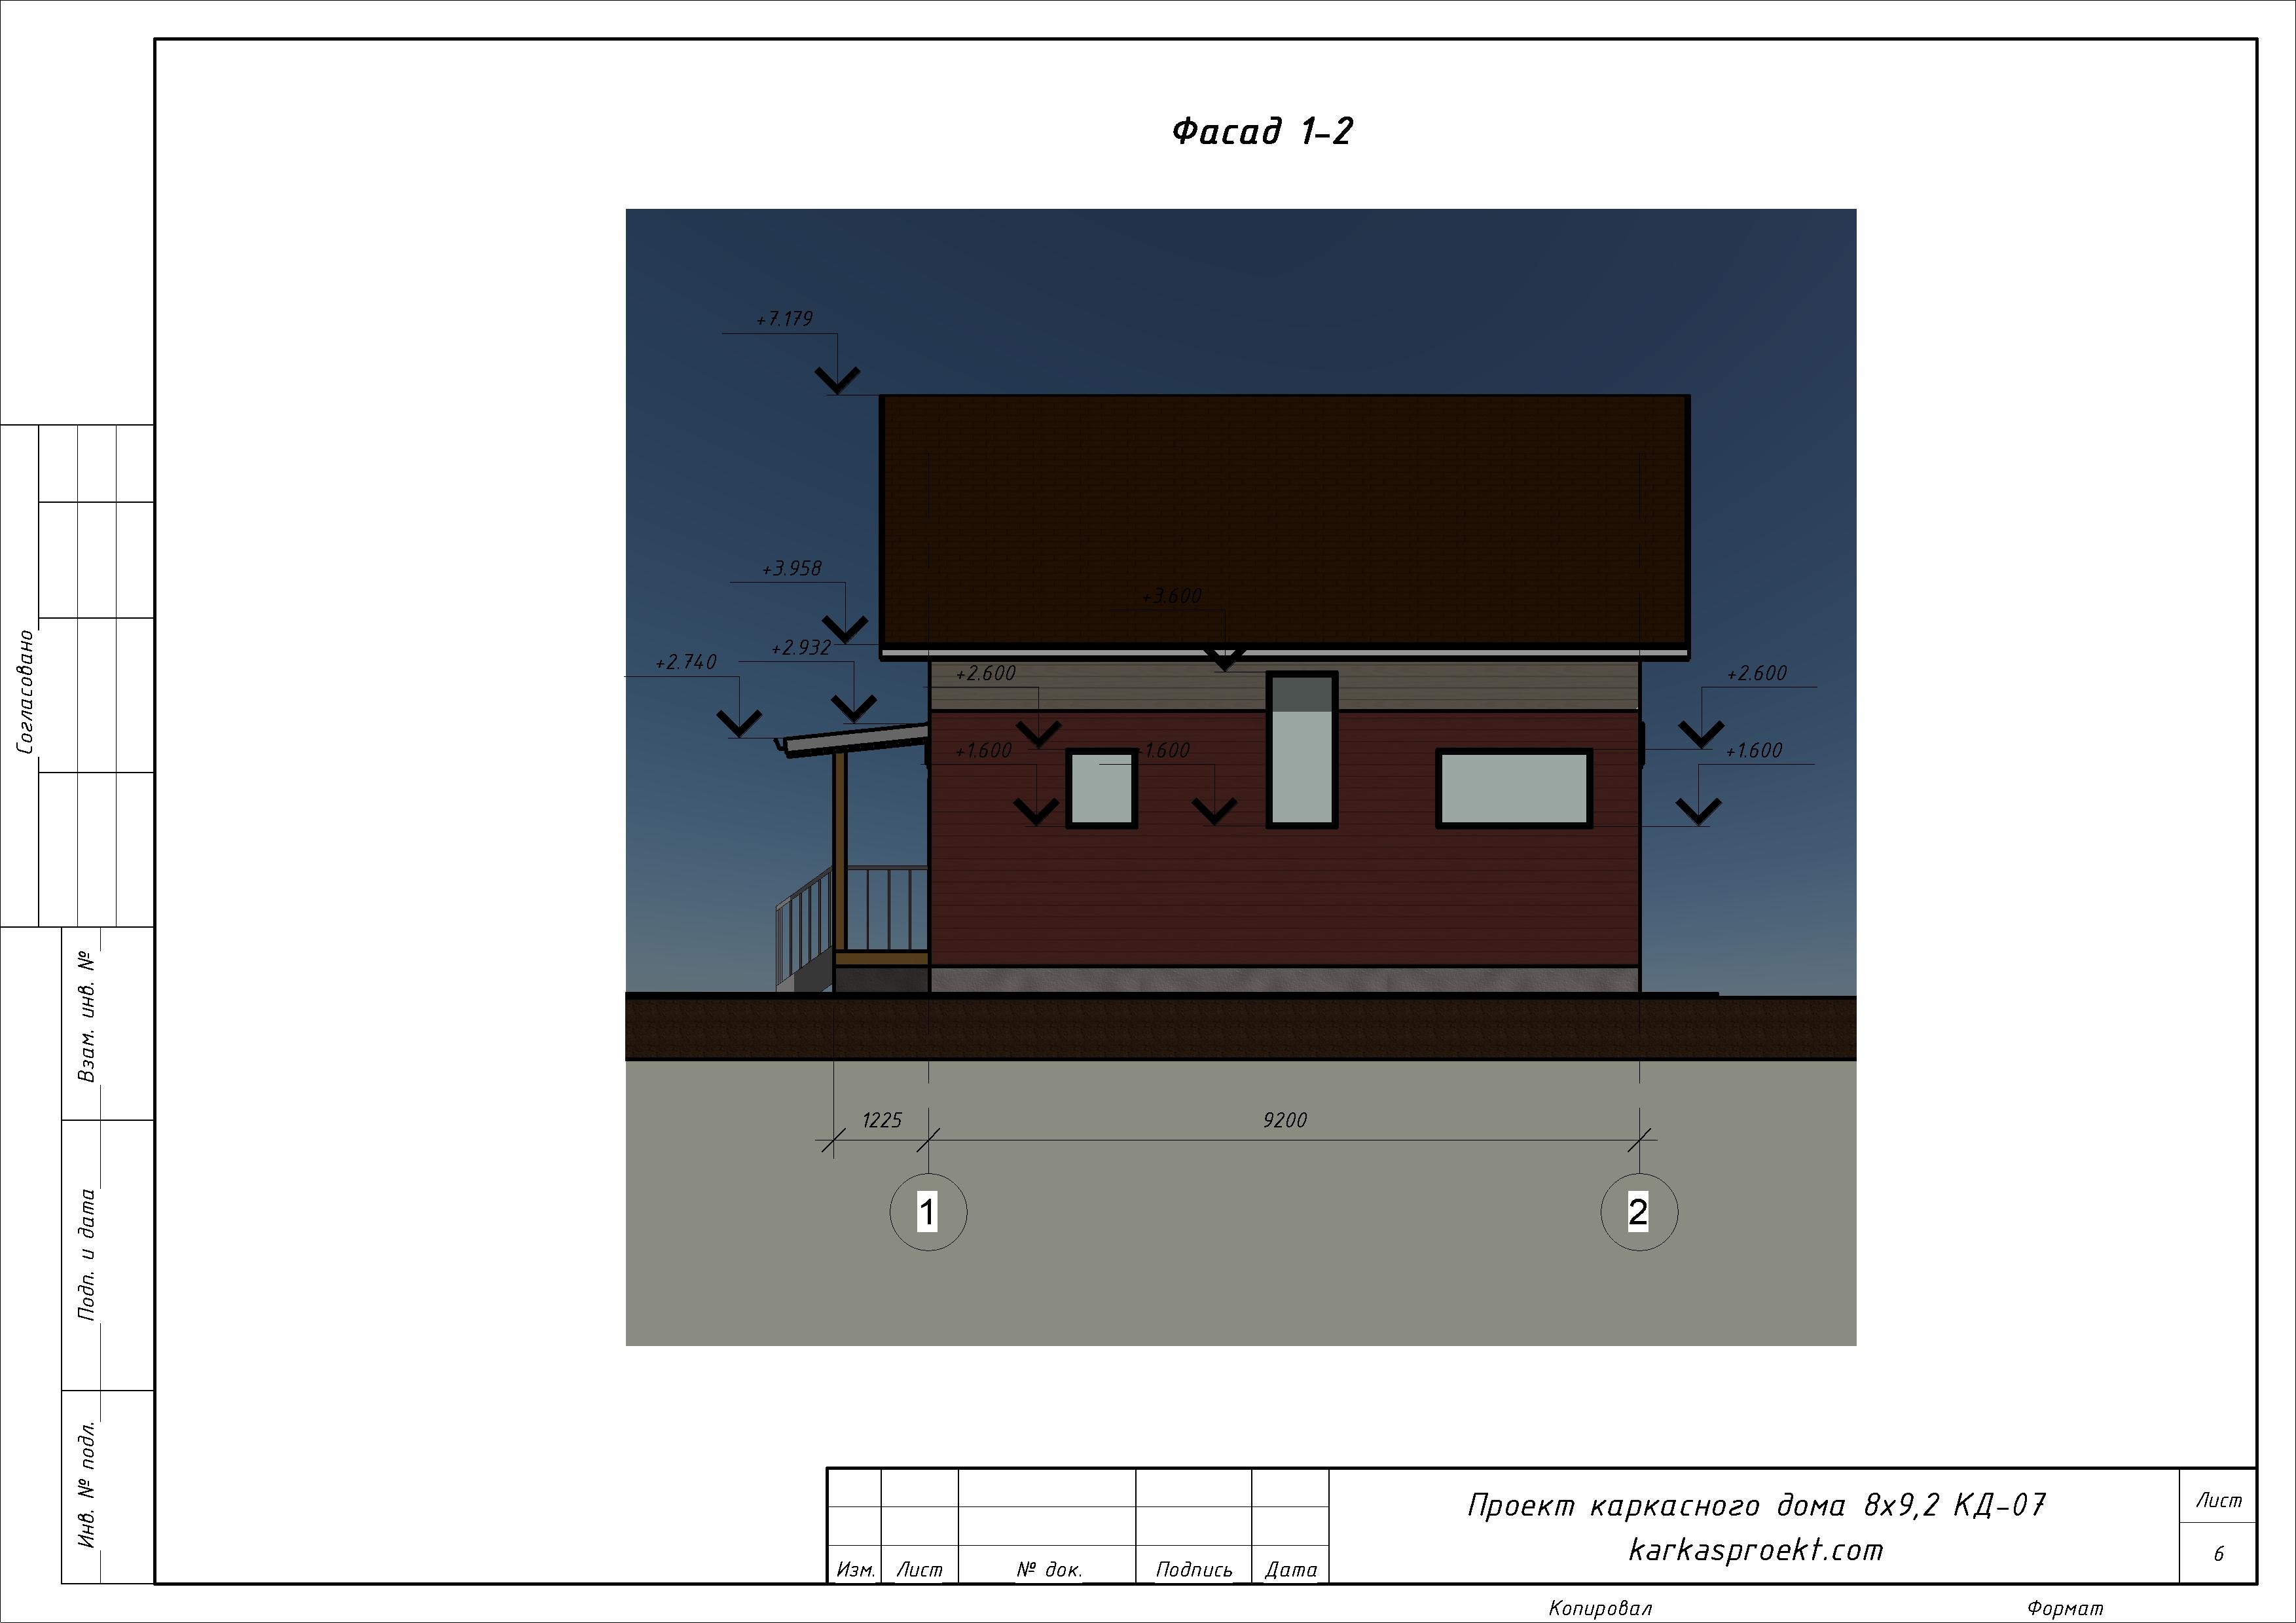 КД-07 - Фасад 1-2